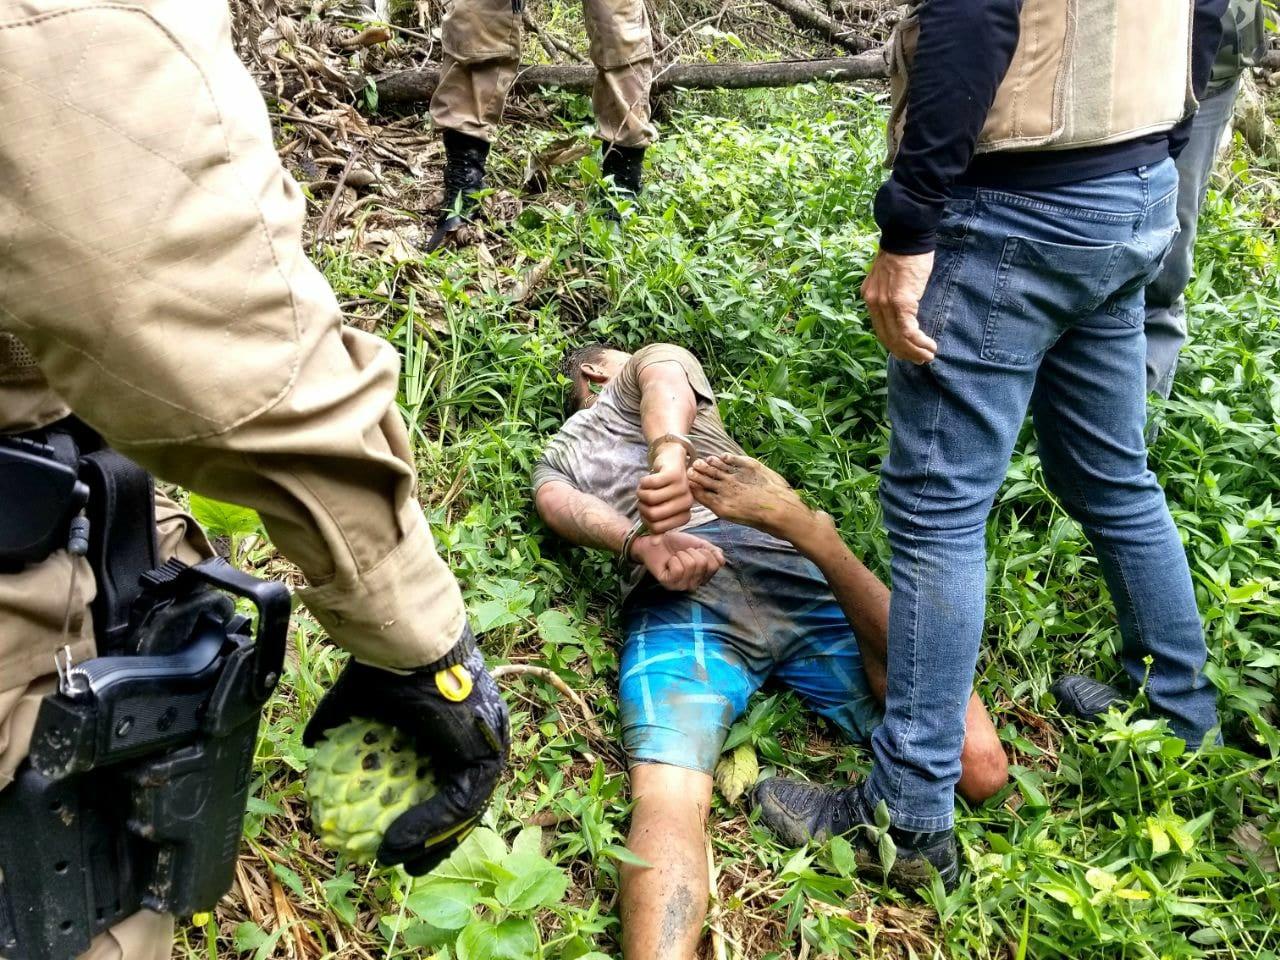 Criminoso tentou fugir pela mata e foi capturado (Polícia Militar)